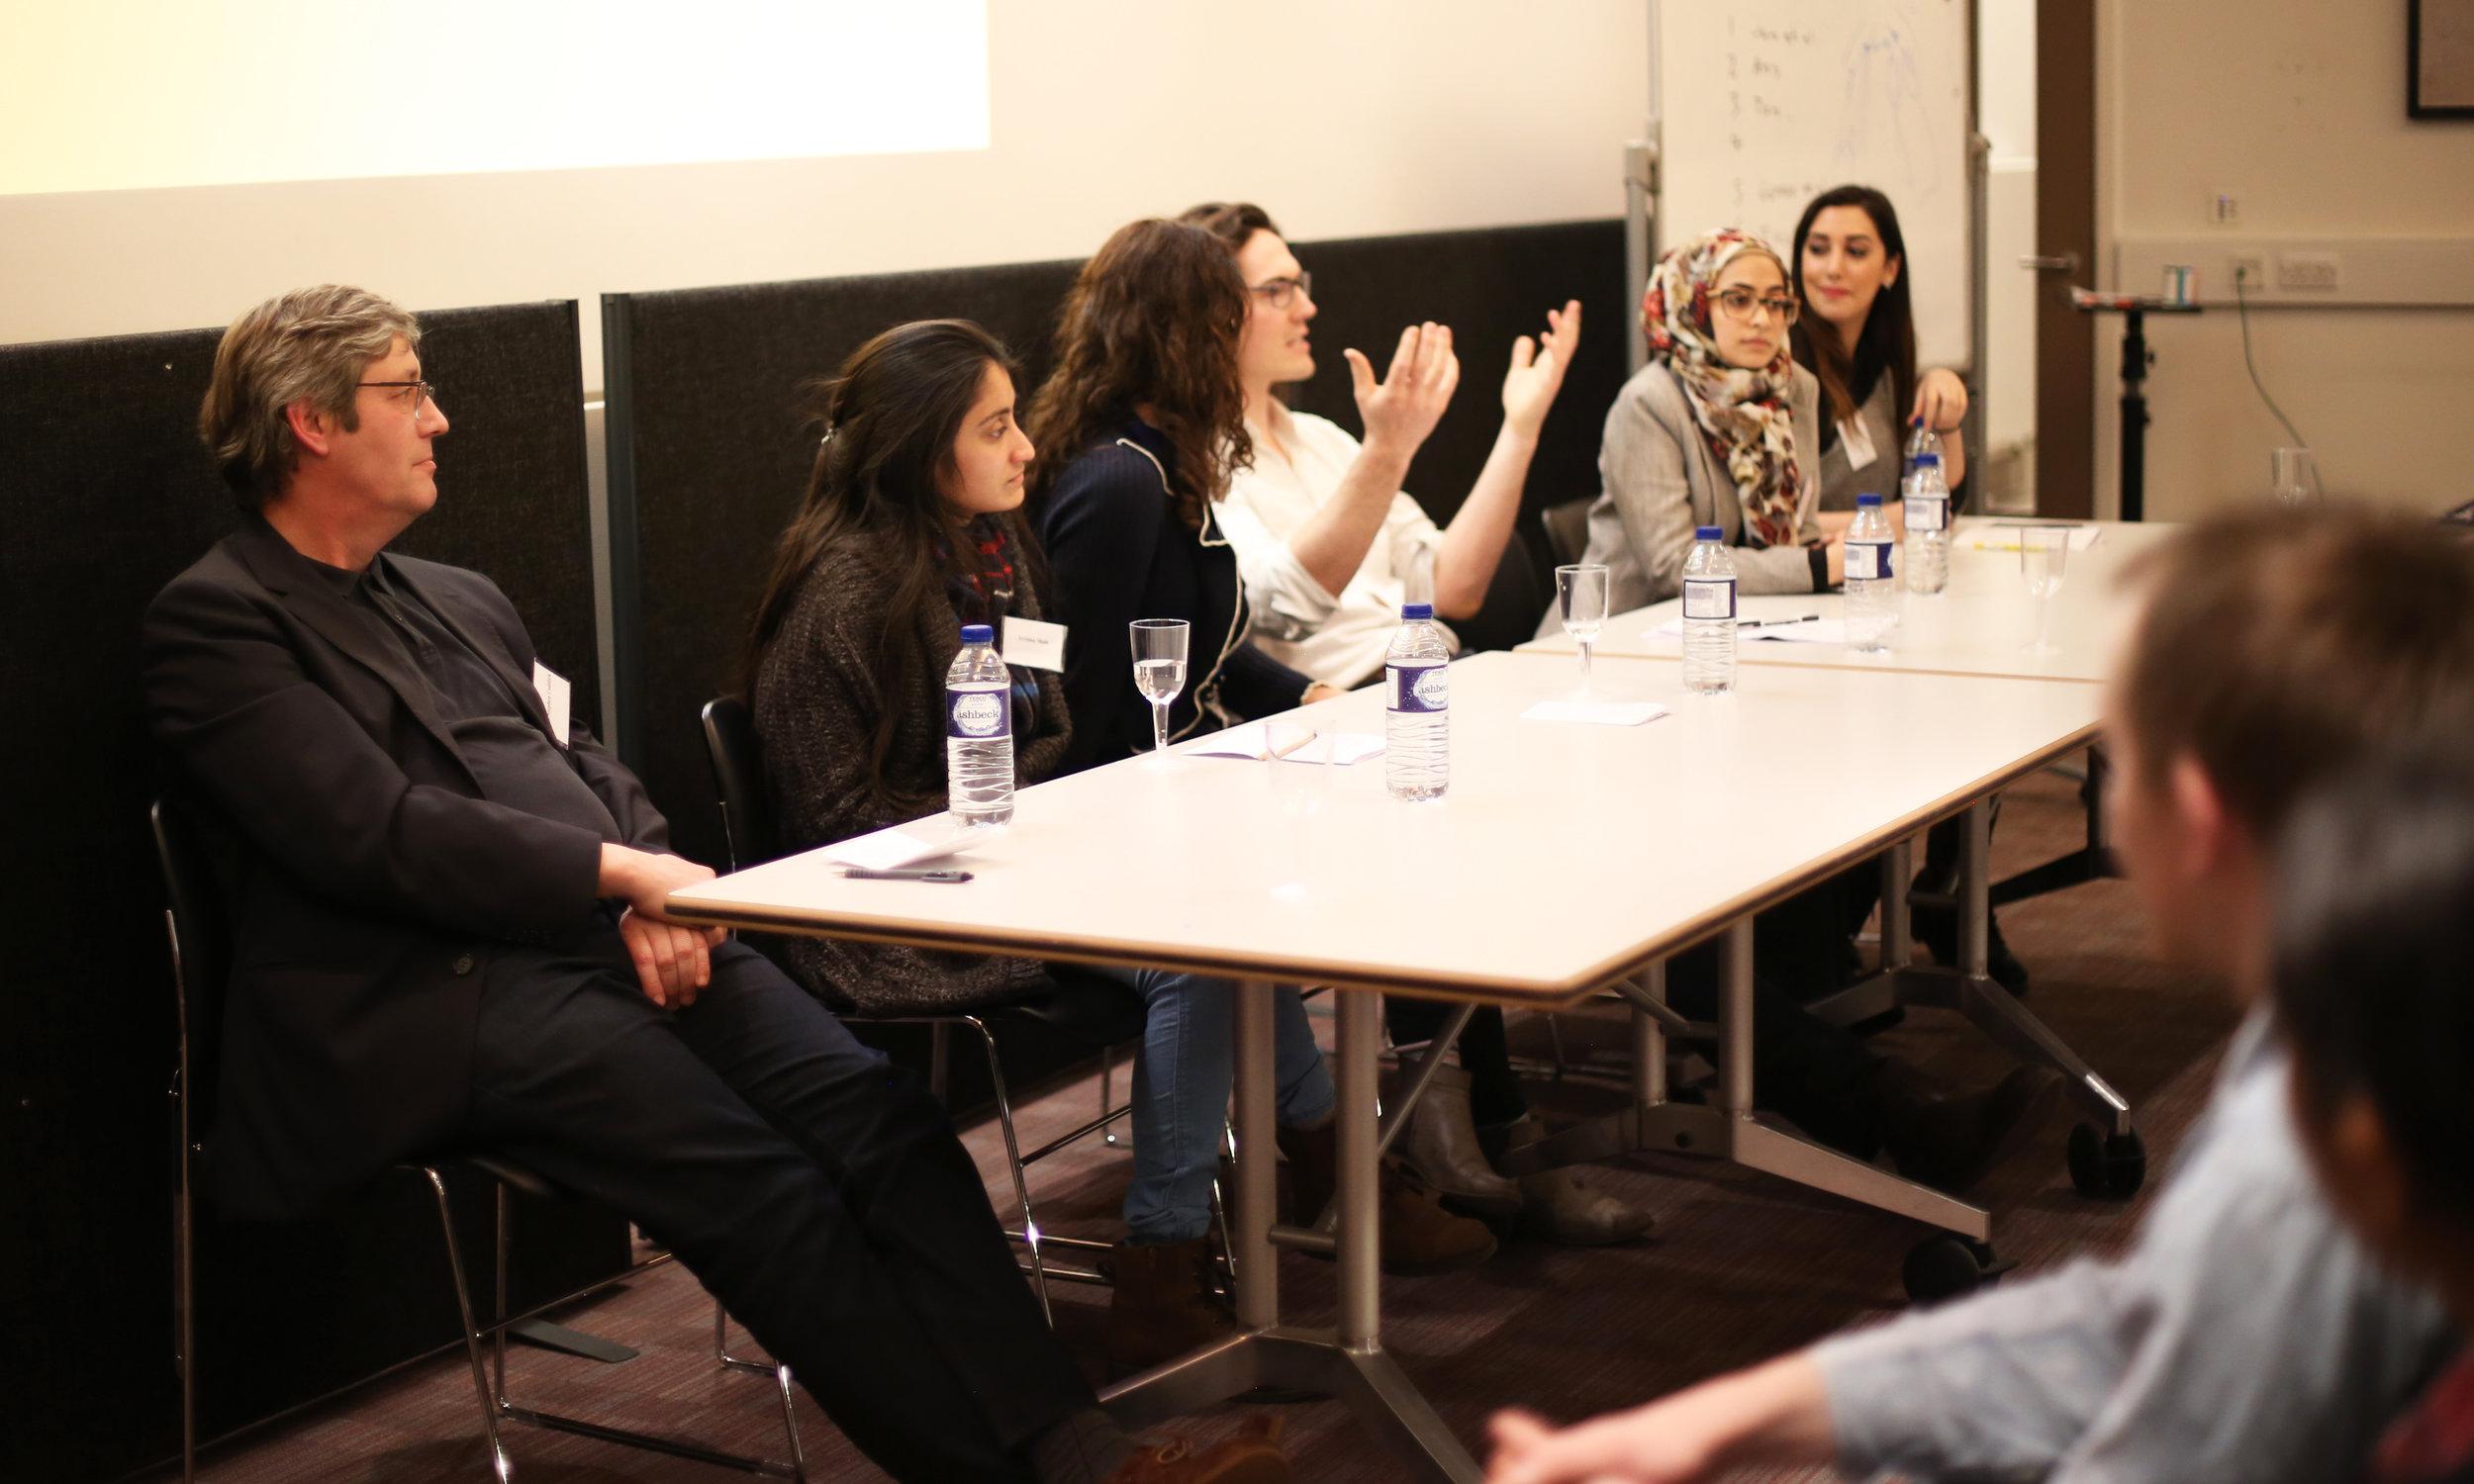 Panel speakers